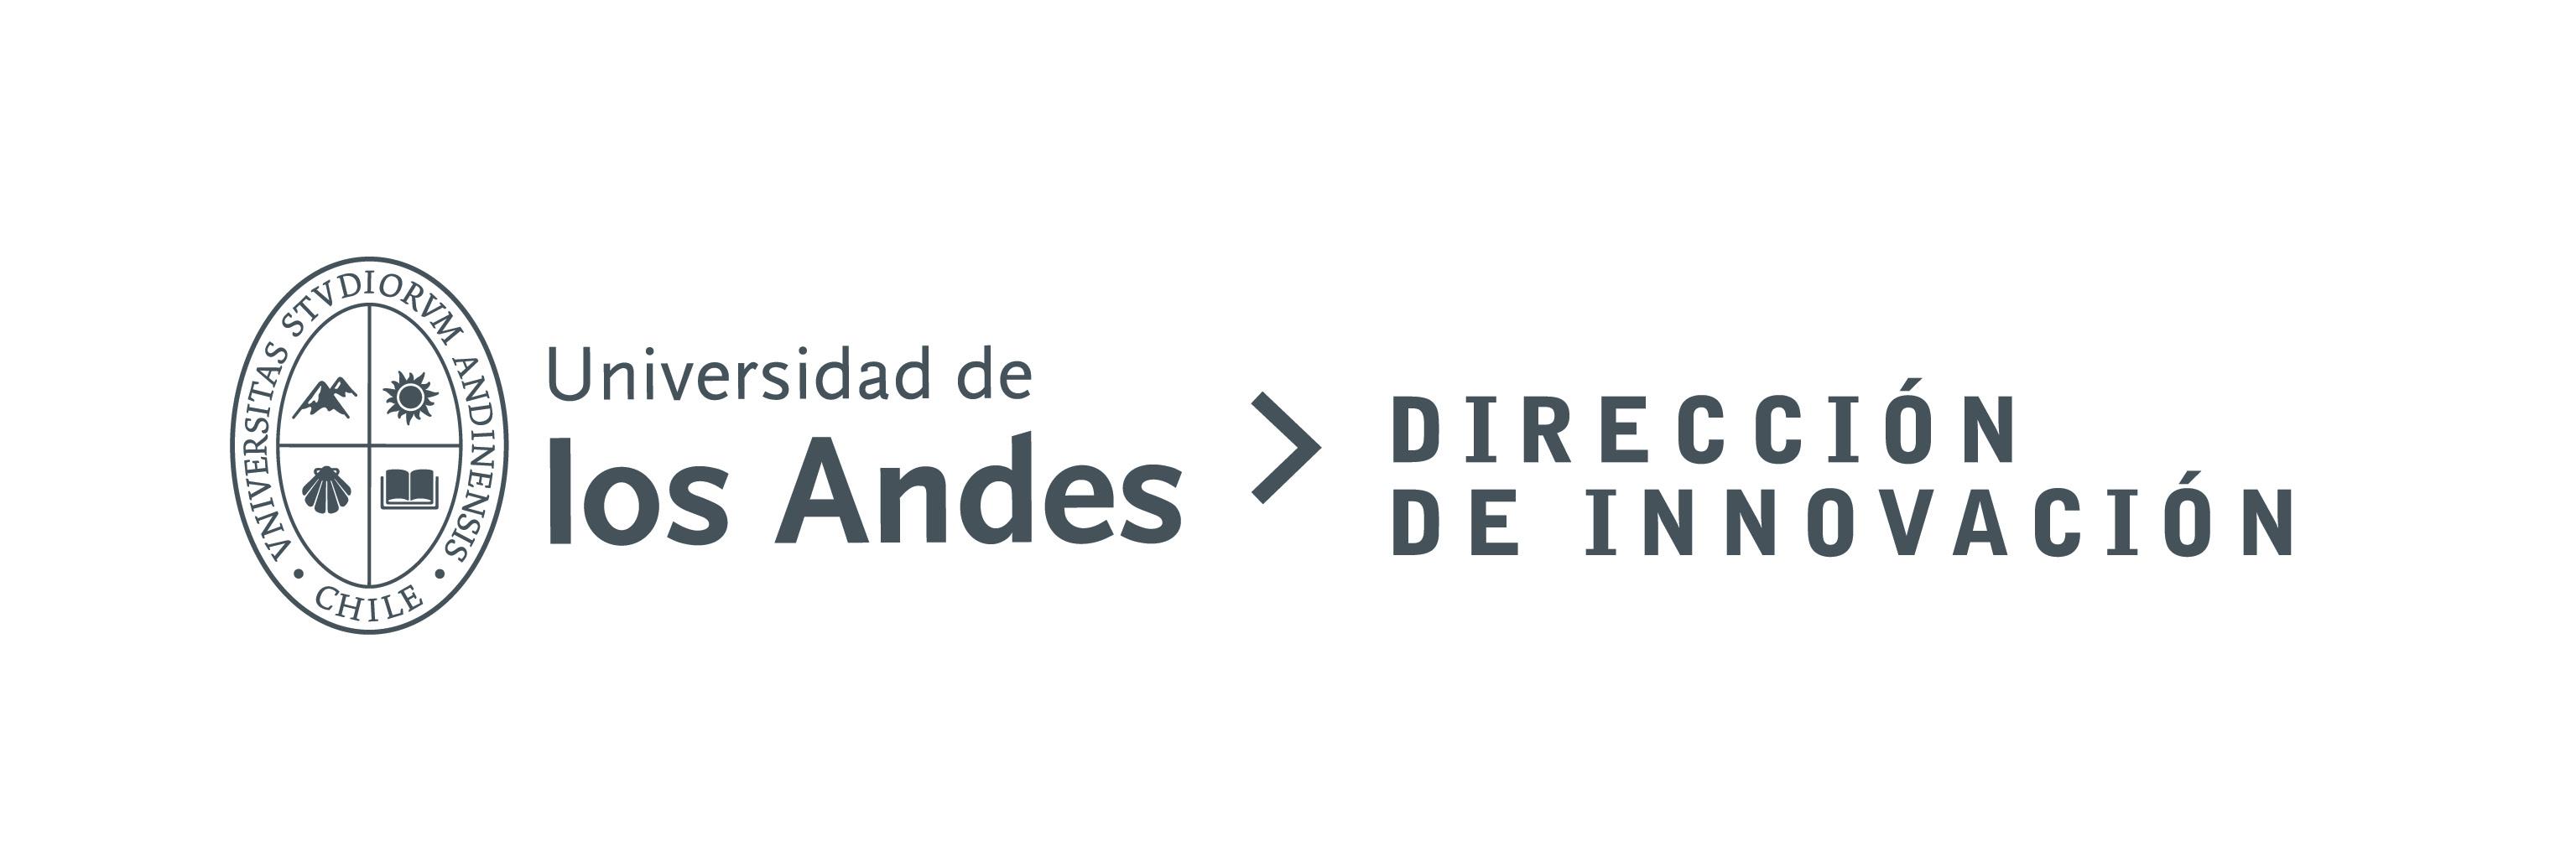 Dirección de Innovación